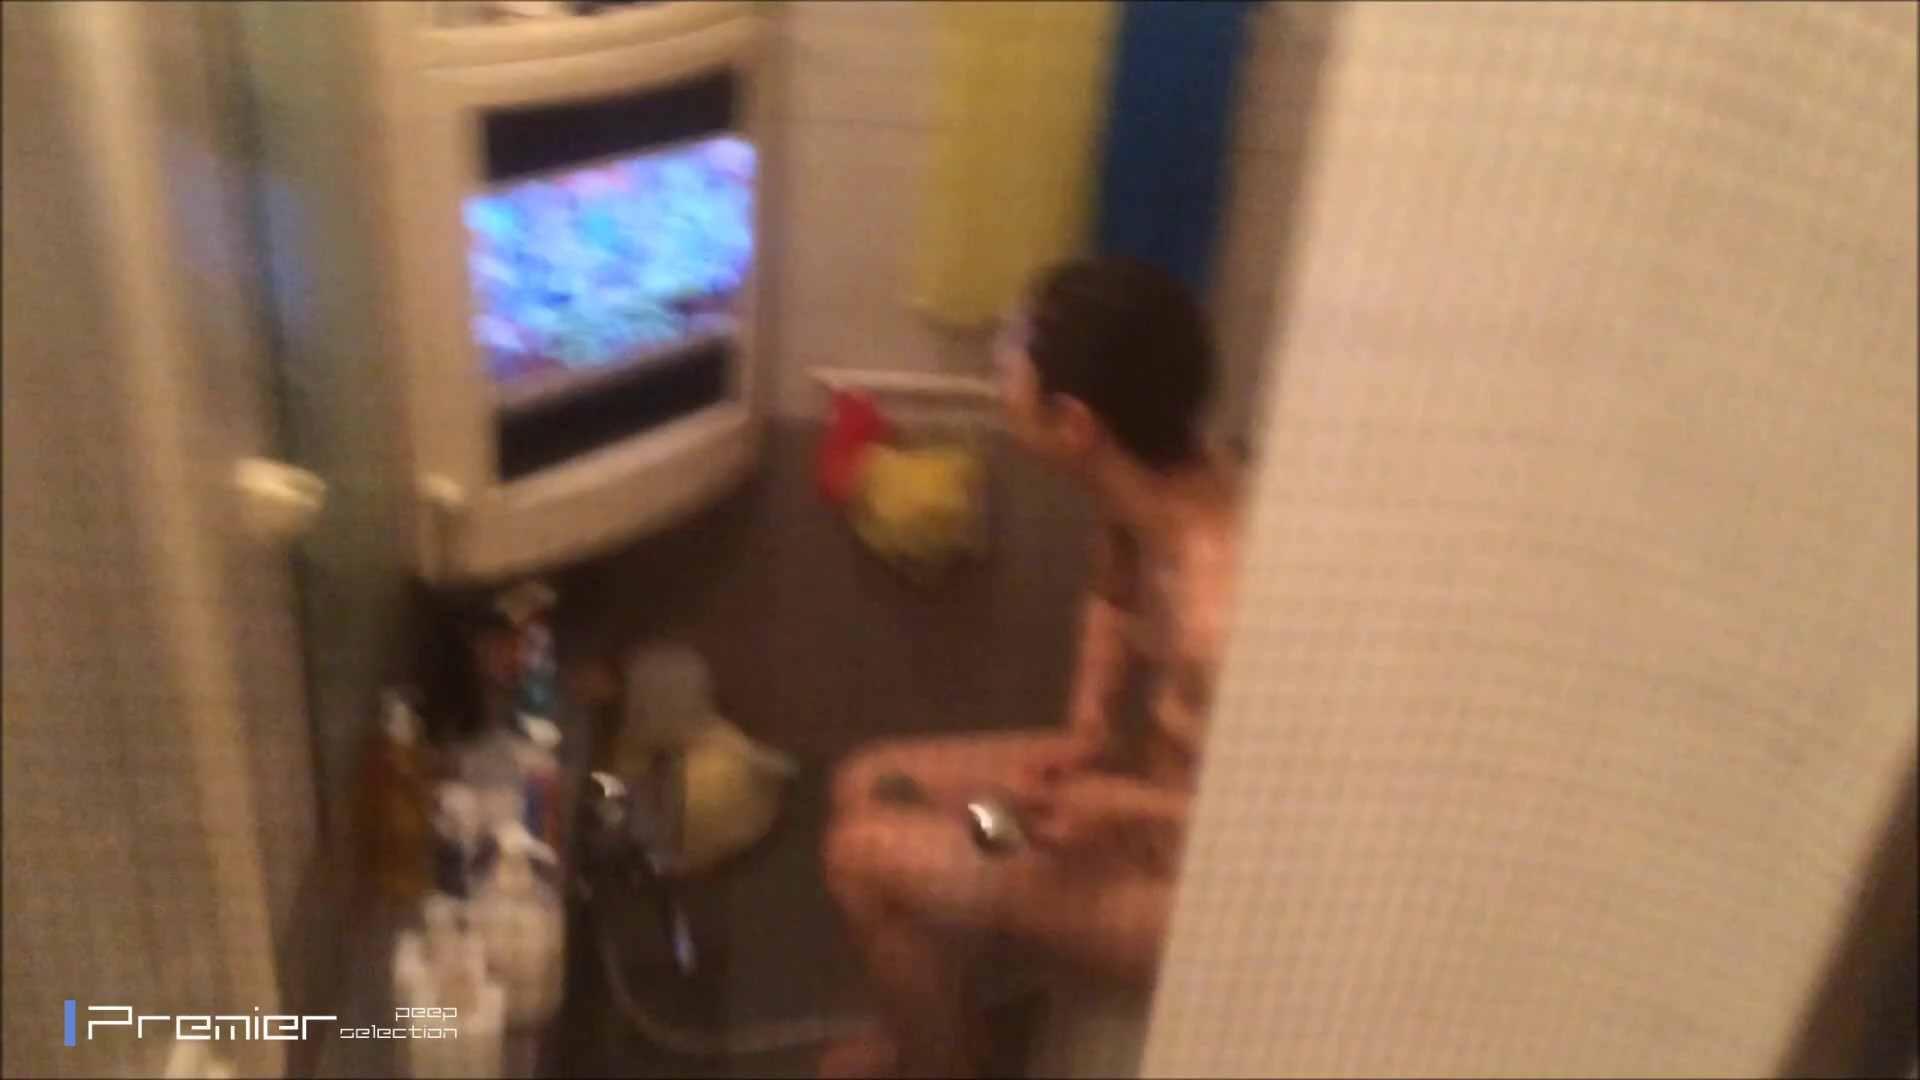 美女のテレビを見ながらの入浴 乙女の風呂場 Vol.21 乙女〜! オマンコ動画キャプチャ 69画像 43